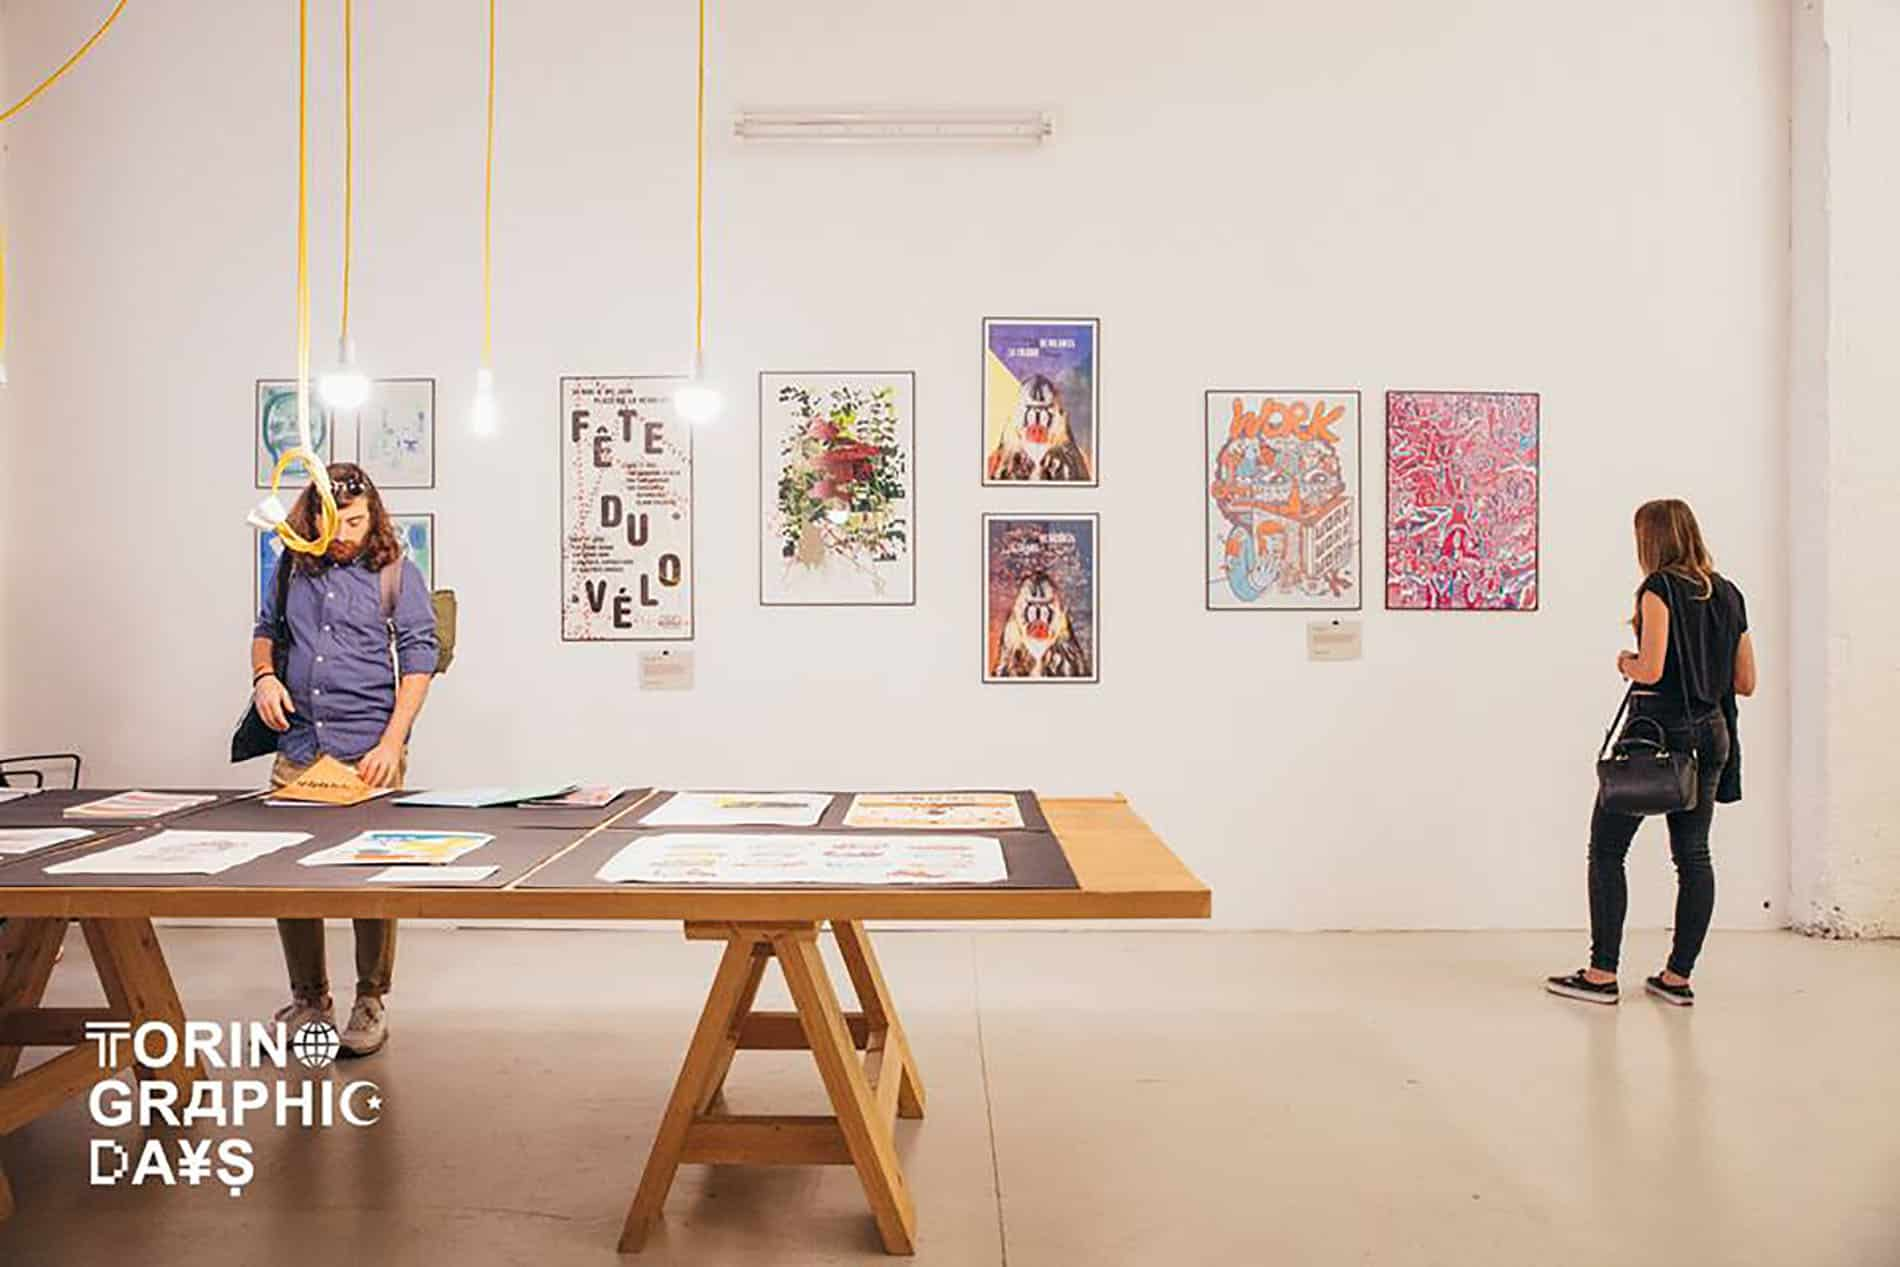 graphic days festival di grafica Torino